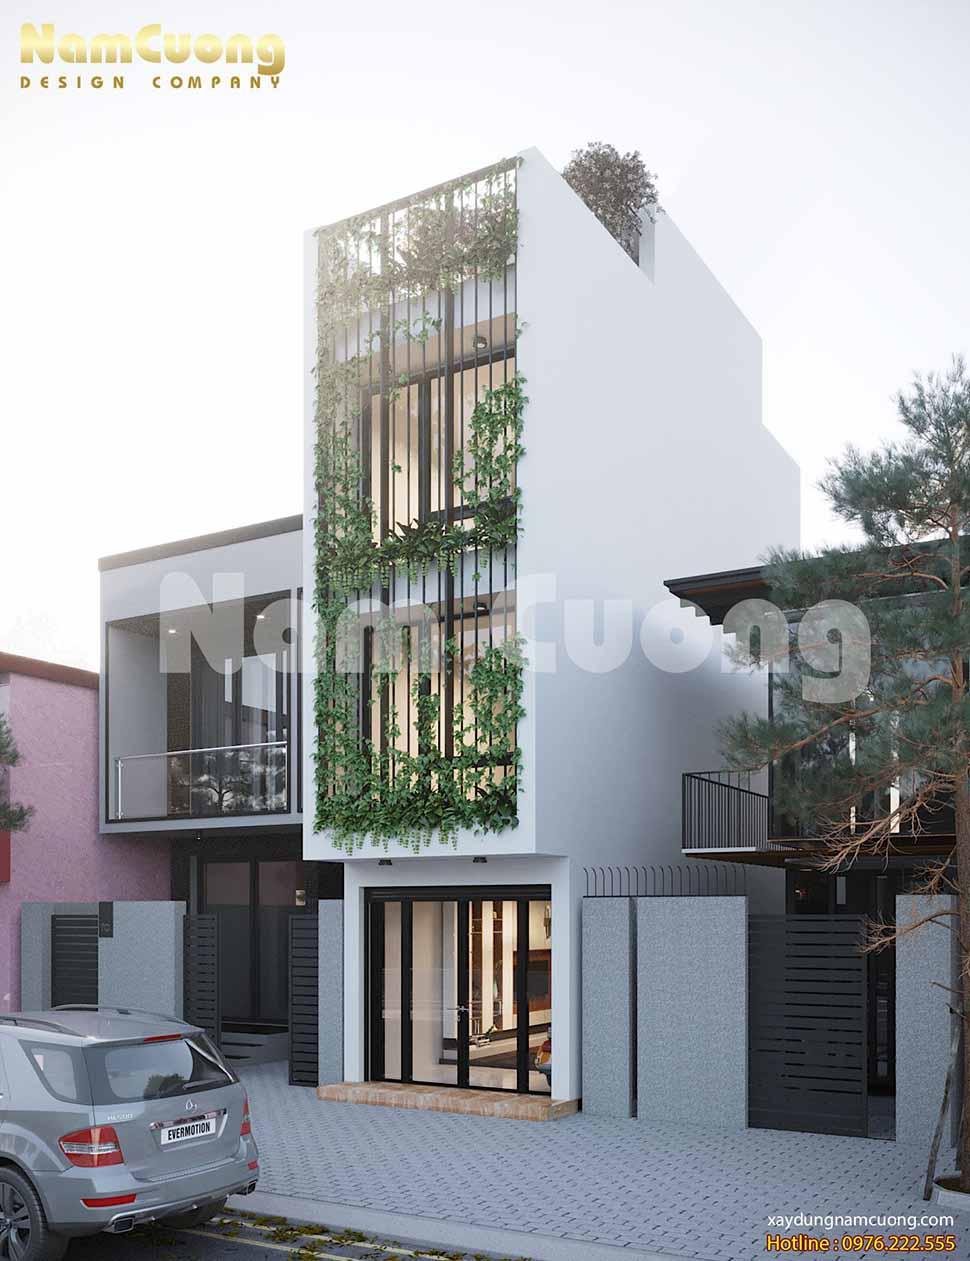 mẫu thiết kế nhà nhỏ kiểu hiện đại